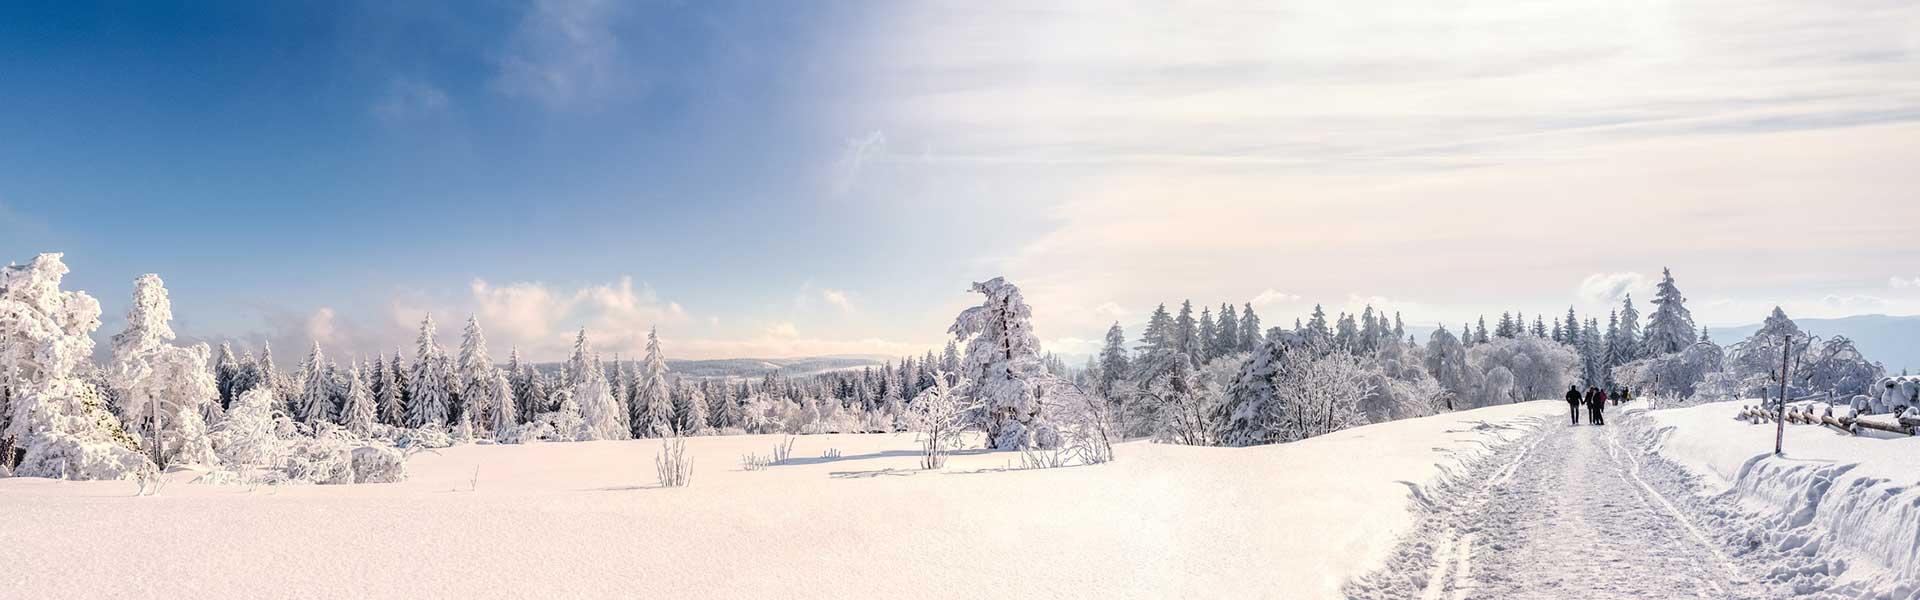 Winterwanderung-1920x600